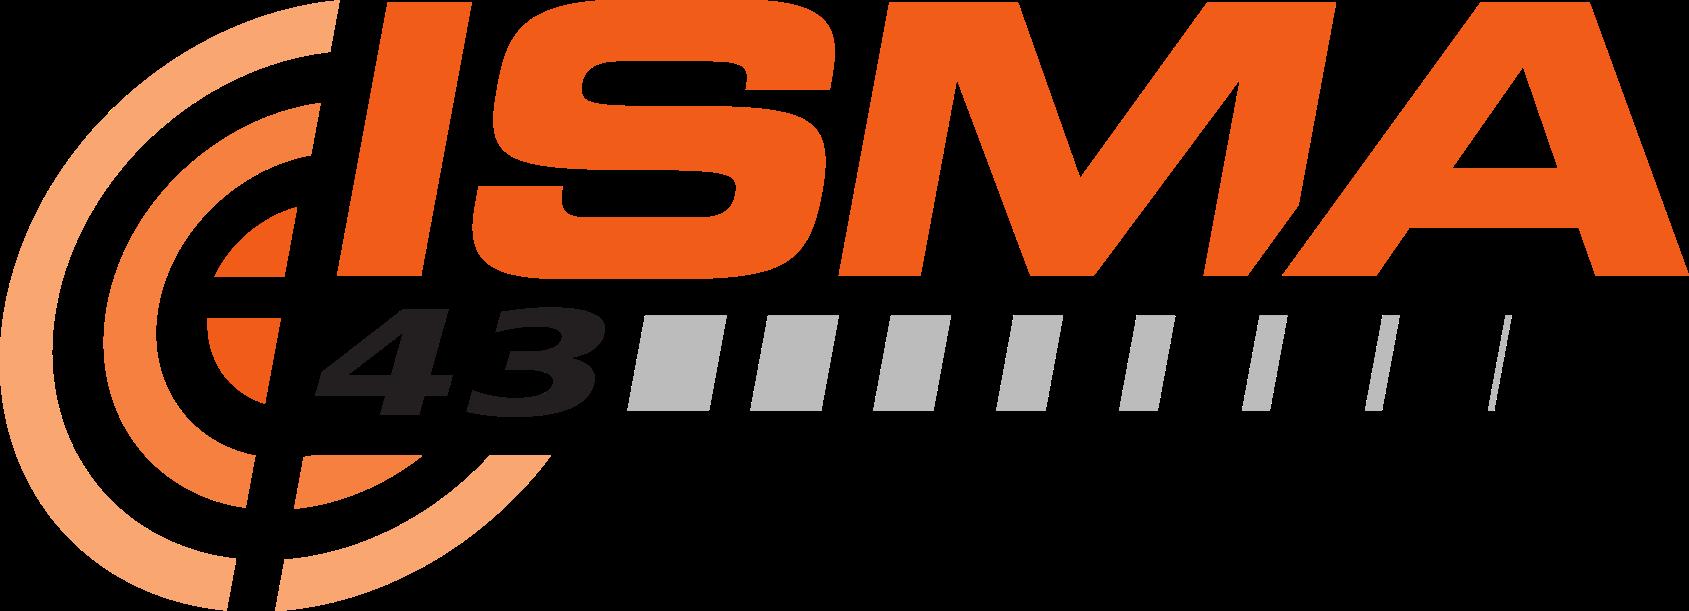 ISMA43_300ppi